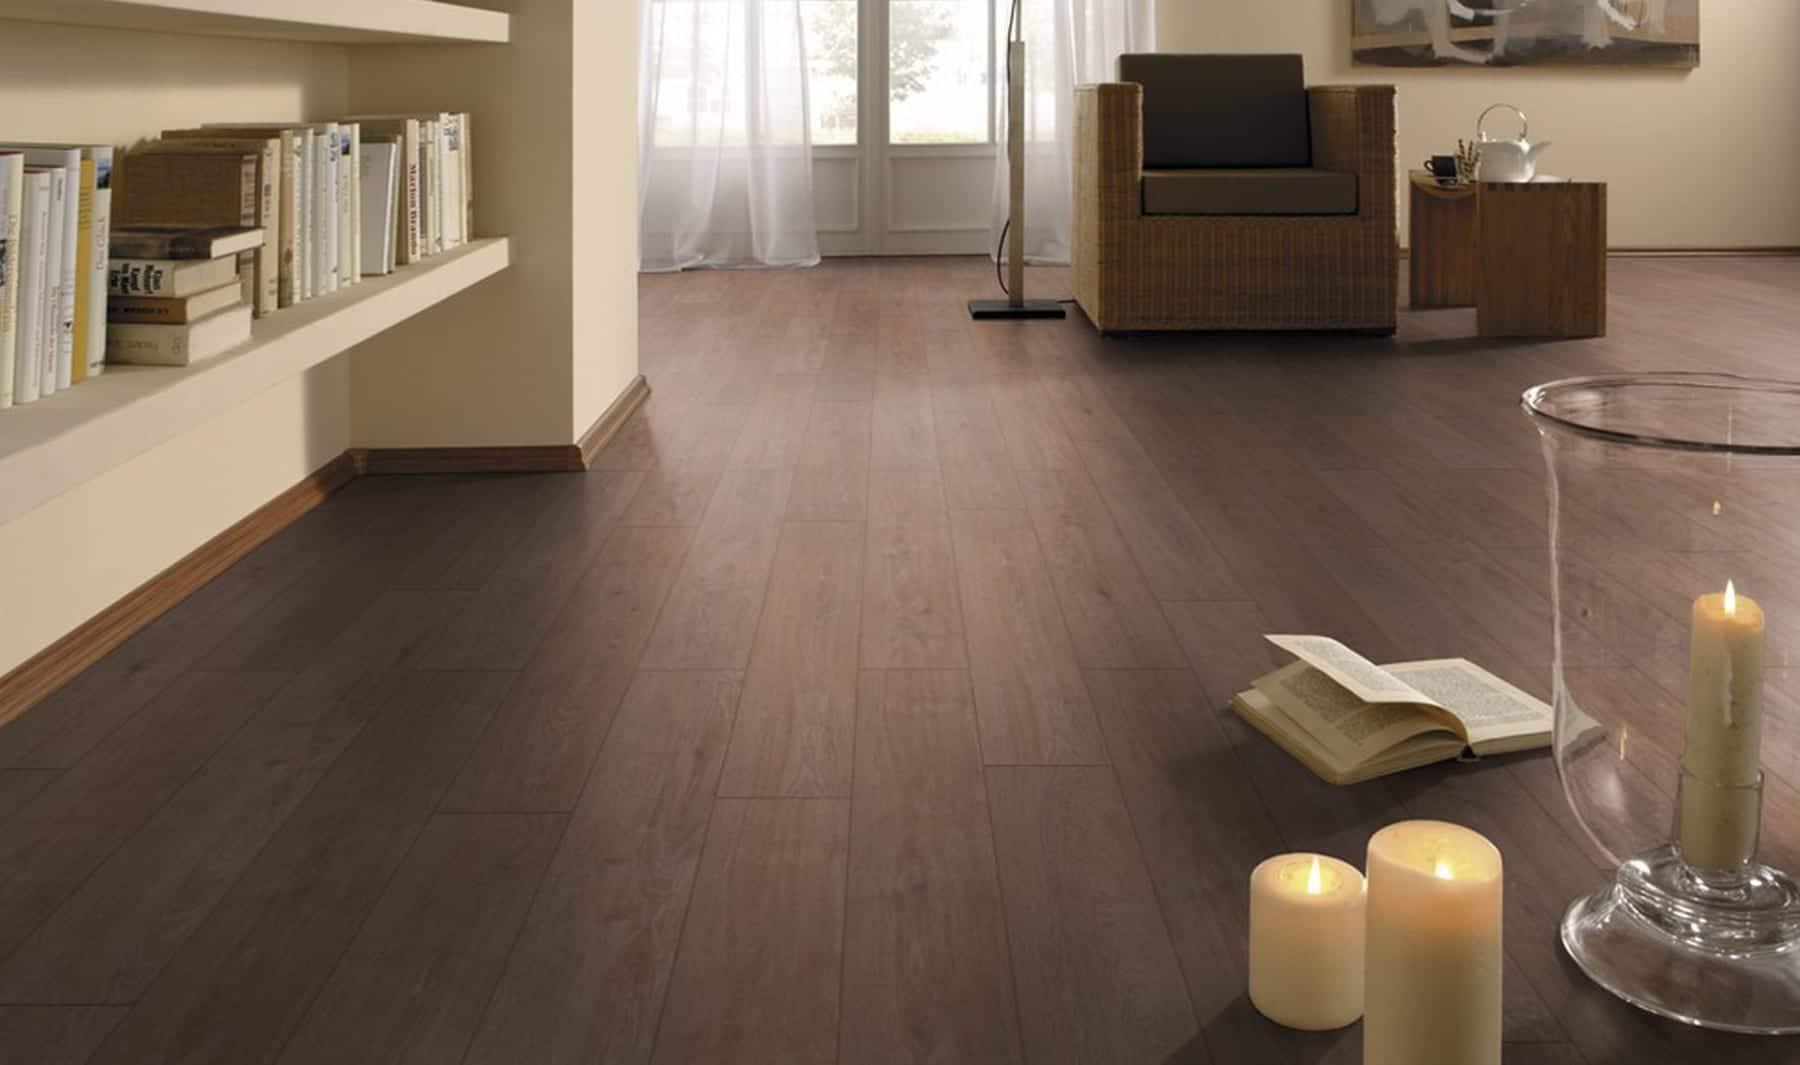 Tipos de suelos de parquet para tu hogar - Suelo para casa ...